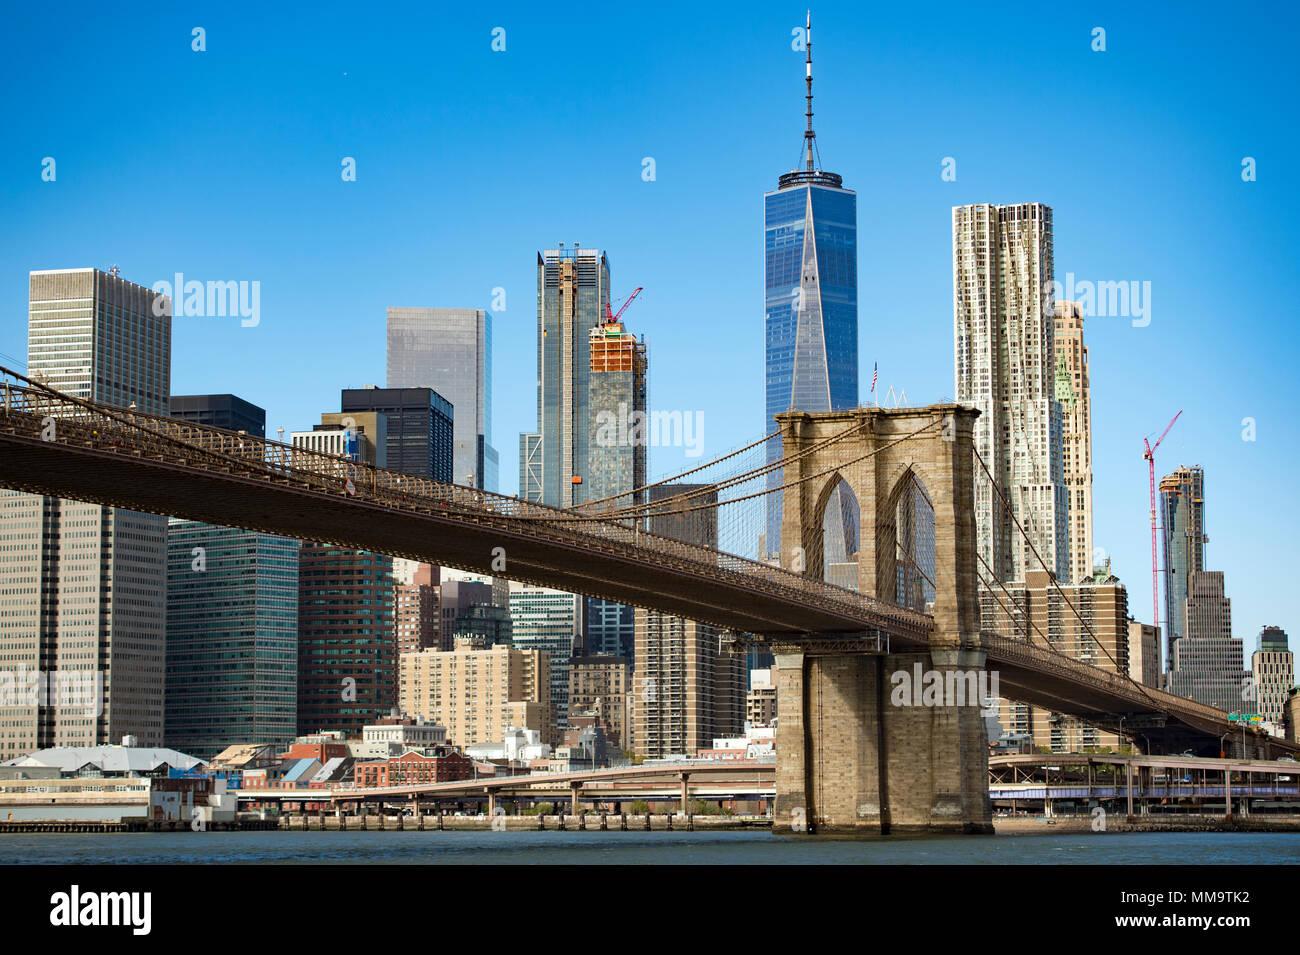 Skyline di Manhattan con il ponte di Brooklyn e la One World Trade Center in background durante una giornata di sole in New York, Stati Uniti d'America. Immagini Stock